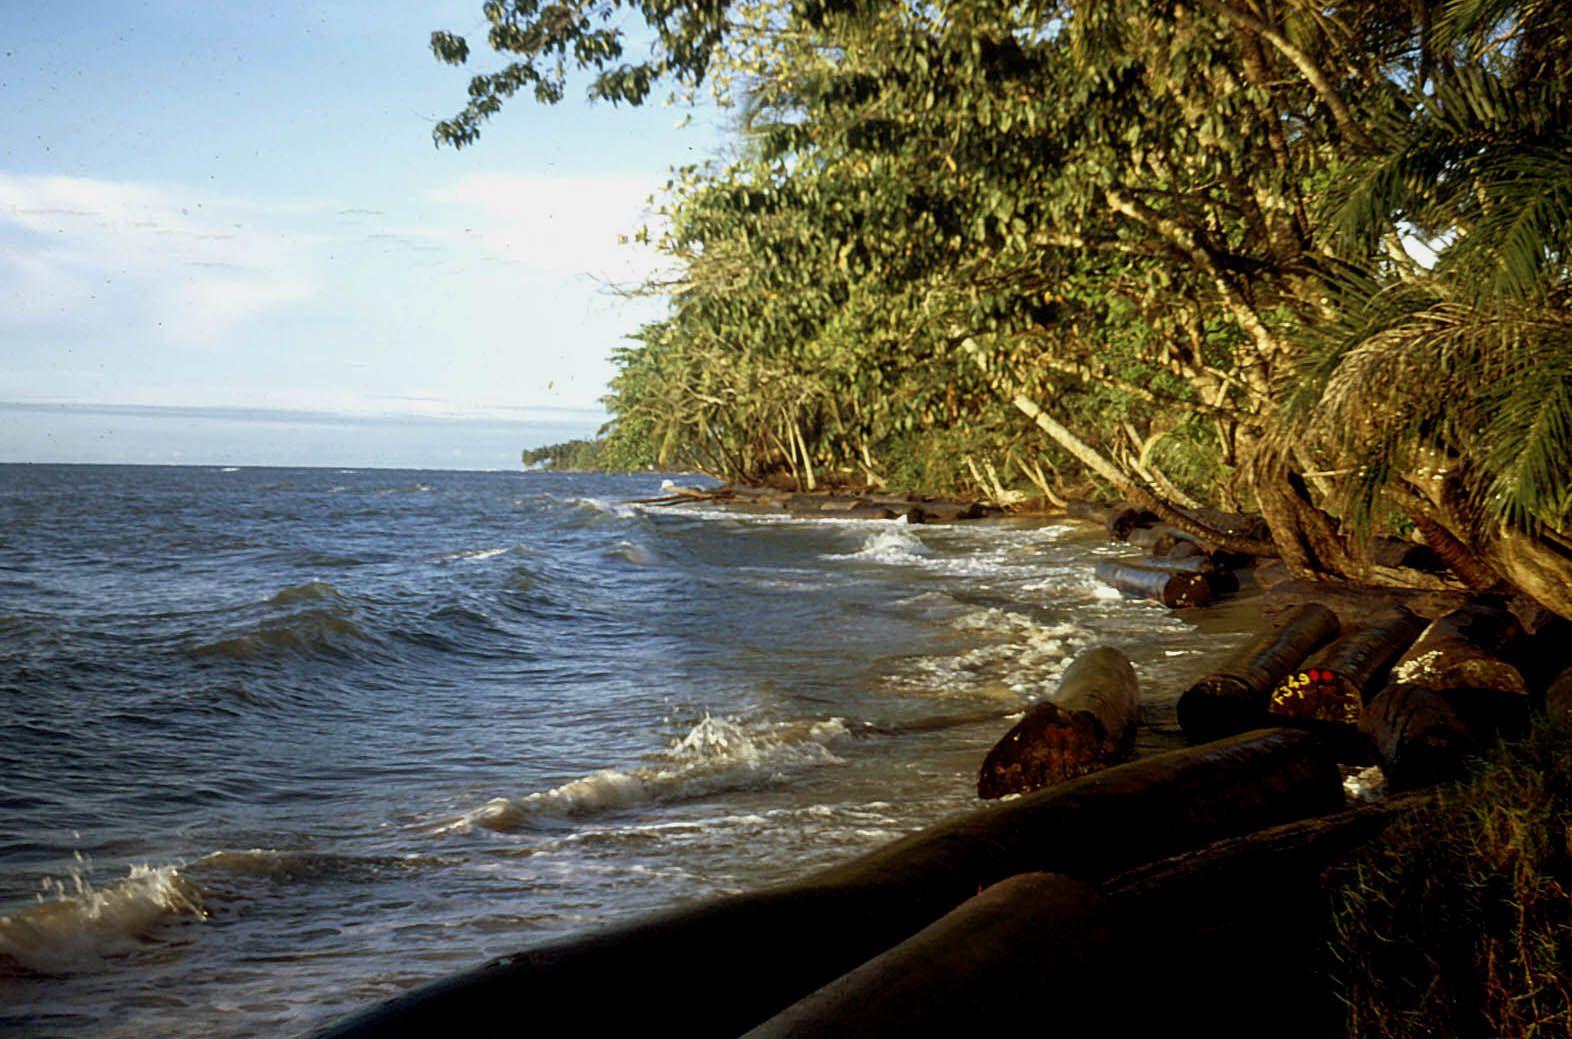 1971 : Billes d'okoumé perdus en mer au Gabon